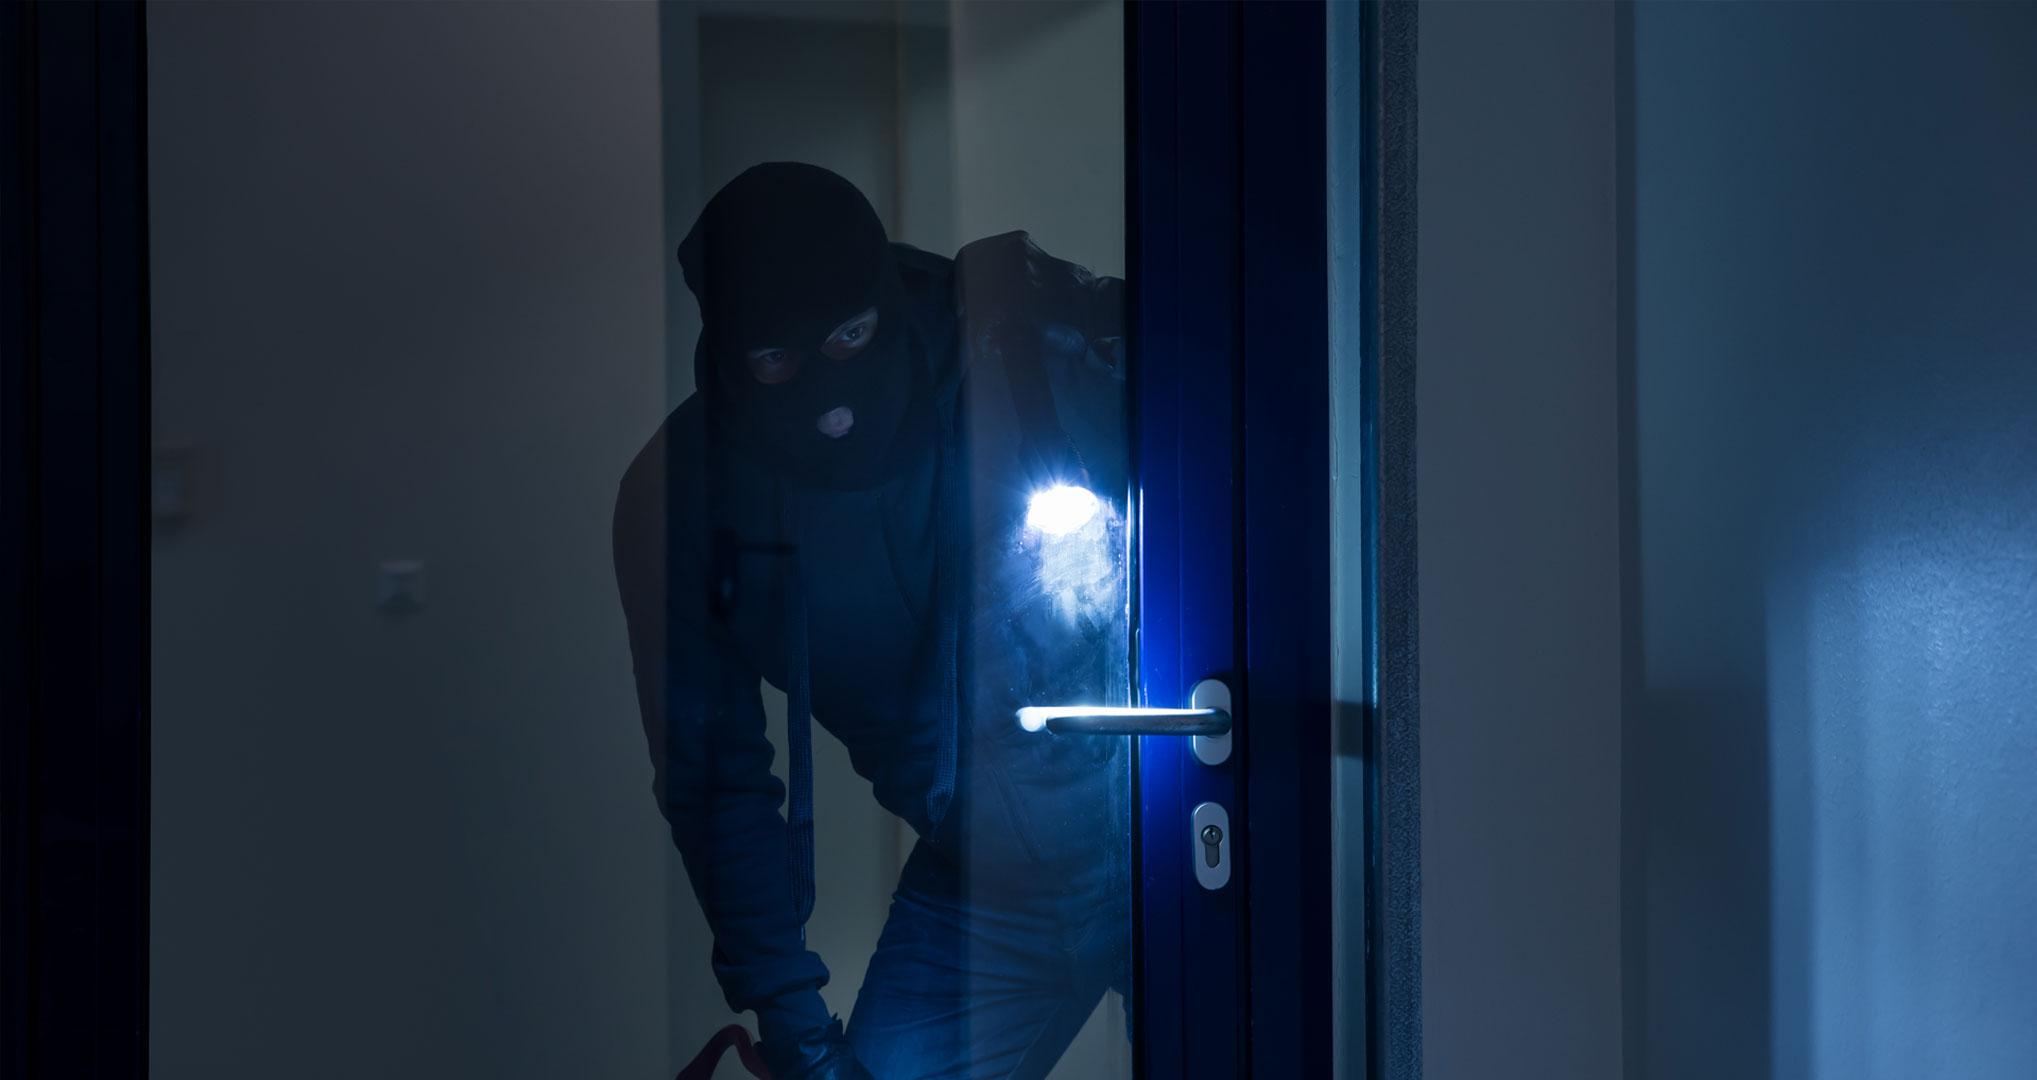 Vasbe, nº 1 alarmas de seguridad en Valladolid